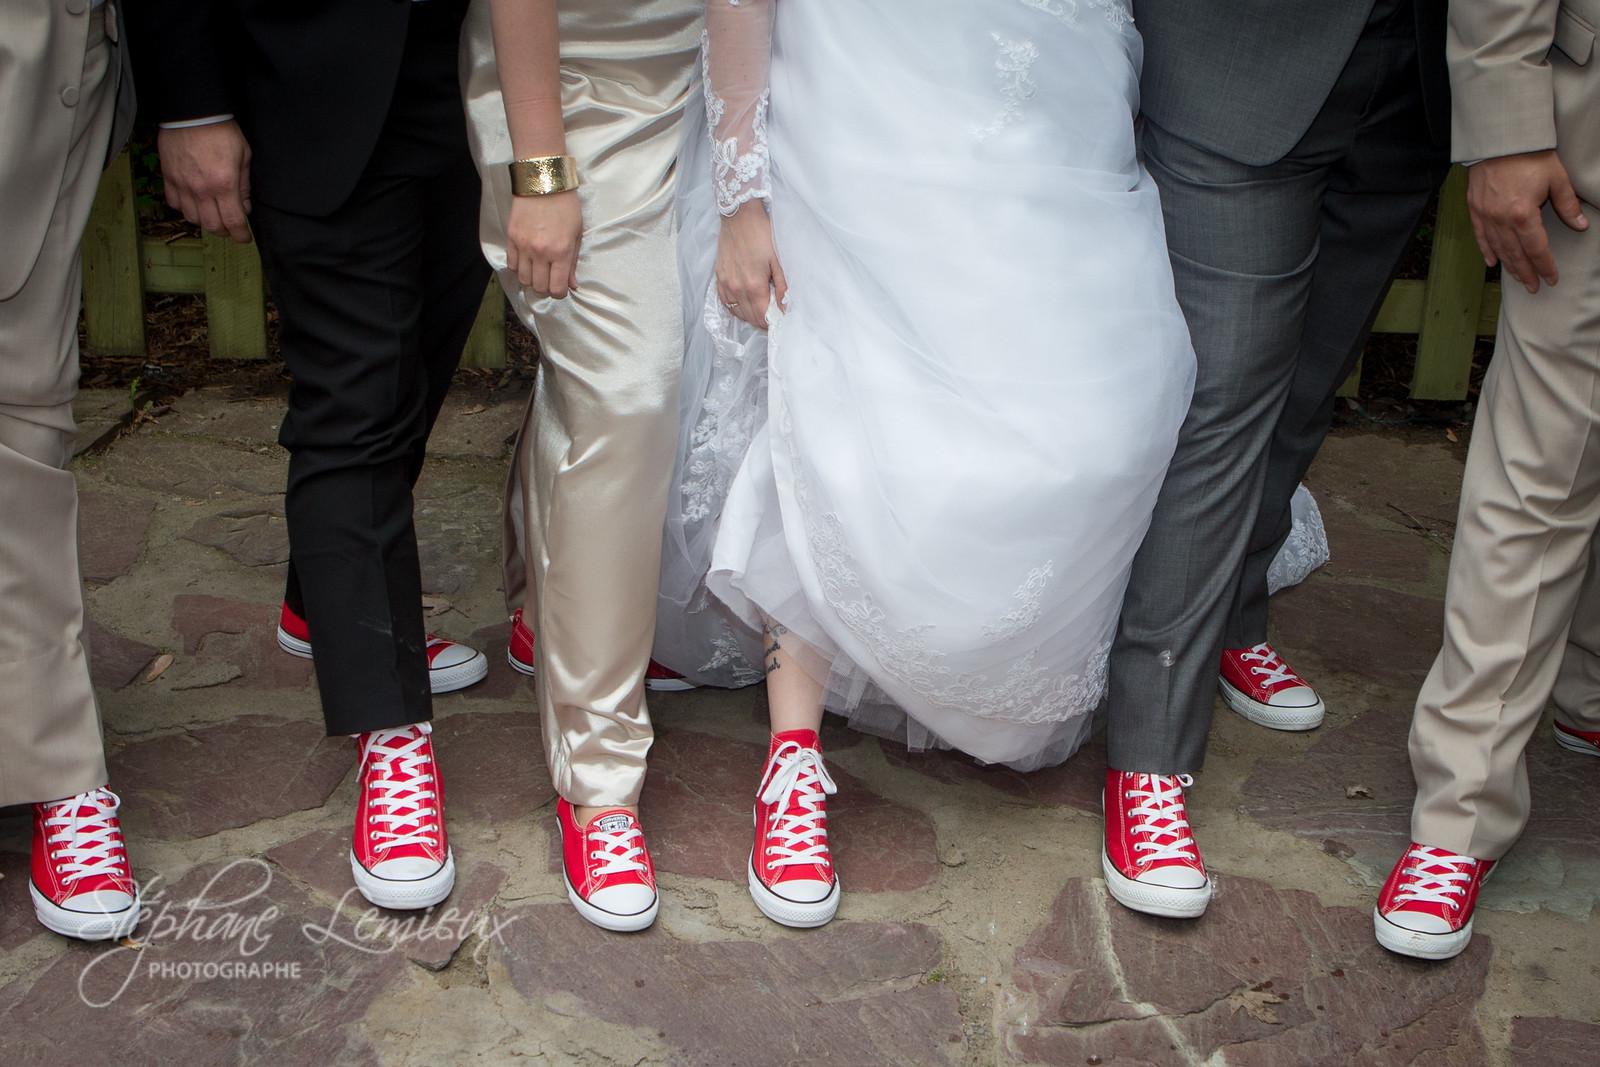 stephane-lemieux-photographe-mariage-montreal-20170603-526